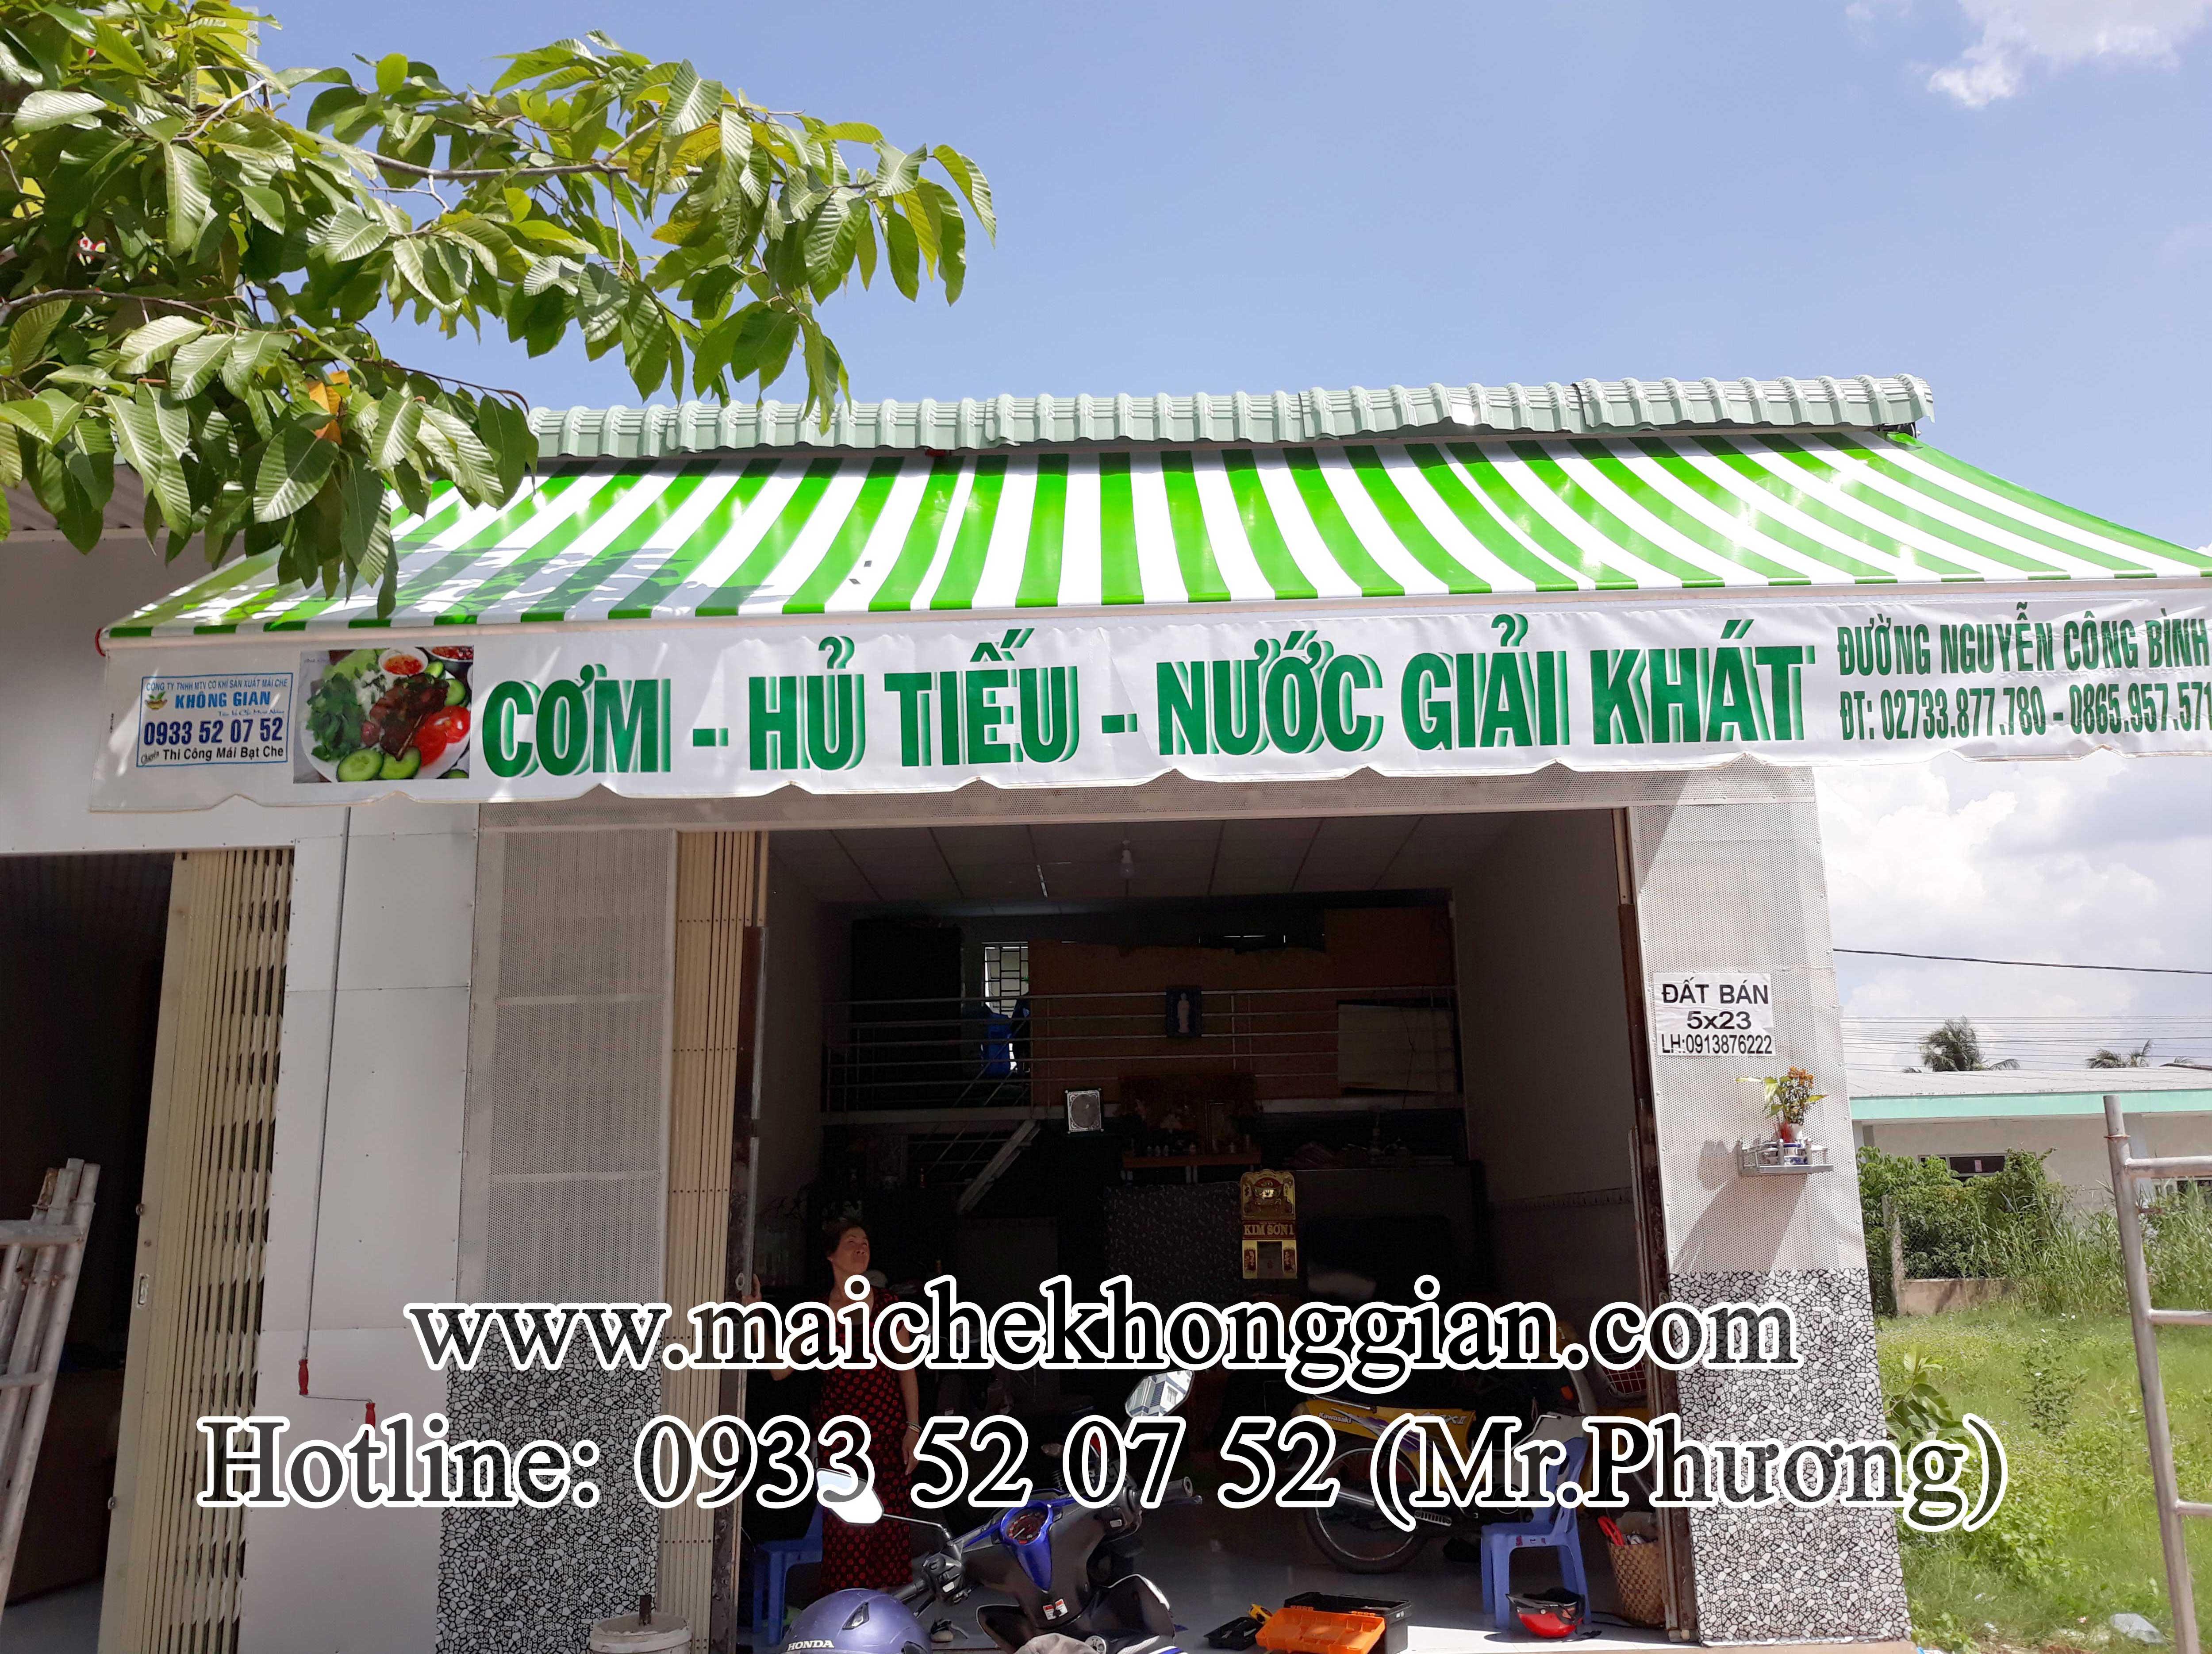 Mái Hiên Huyện Long Hồ Vĩnh Long